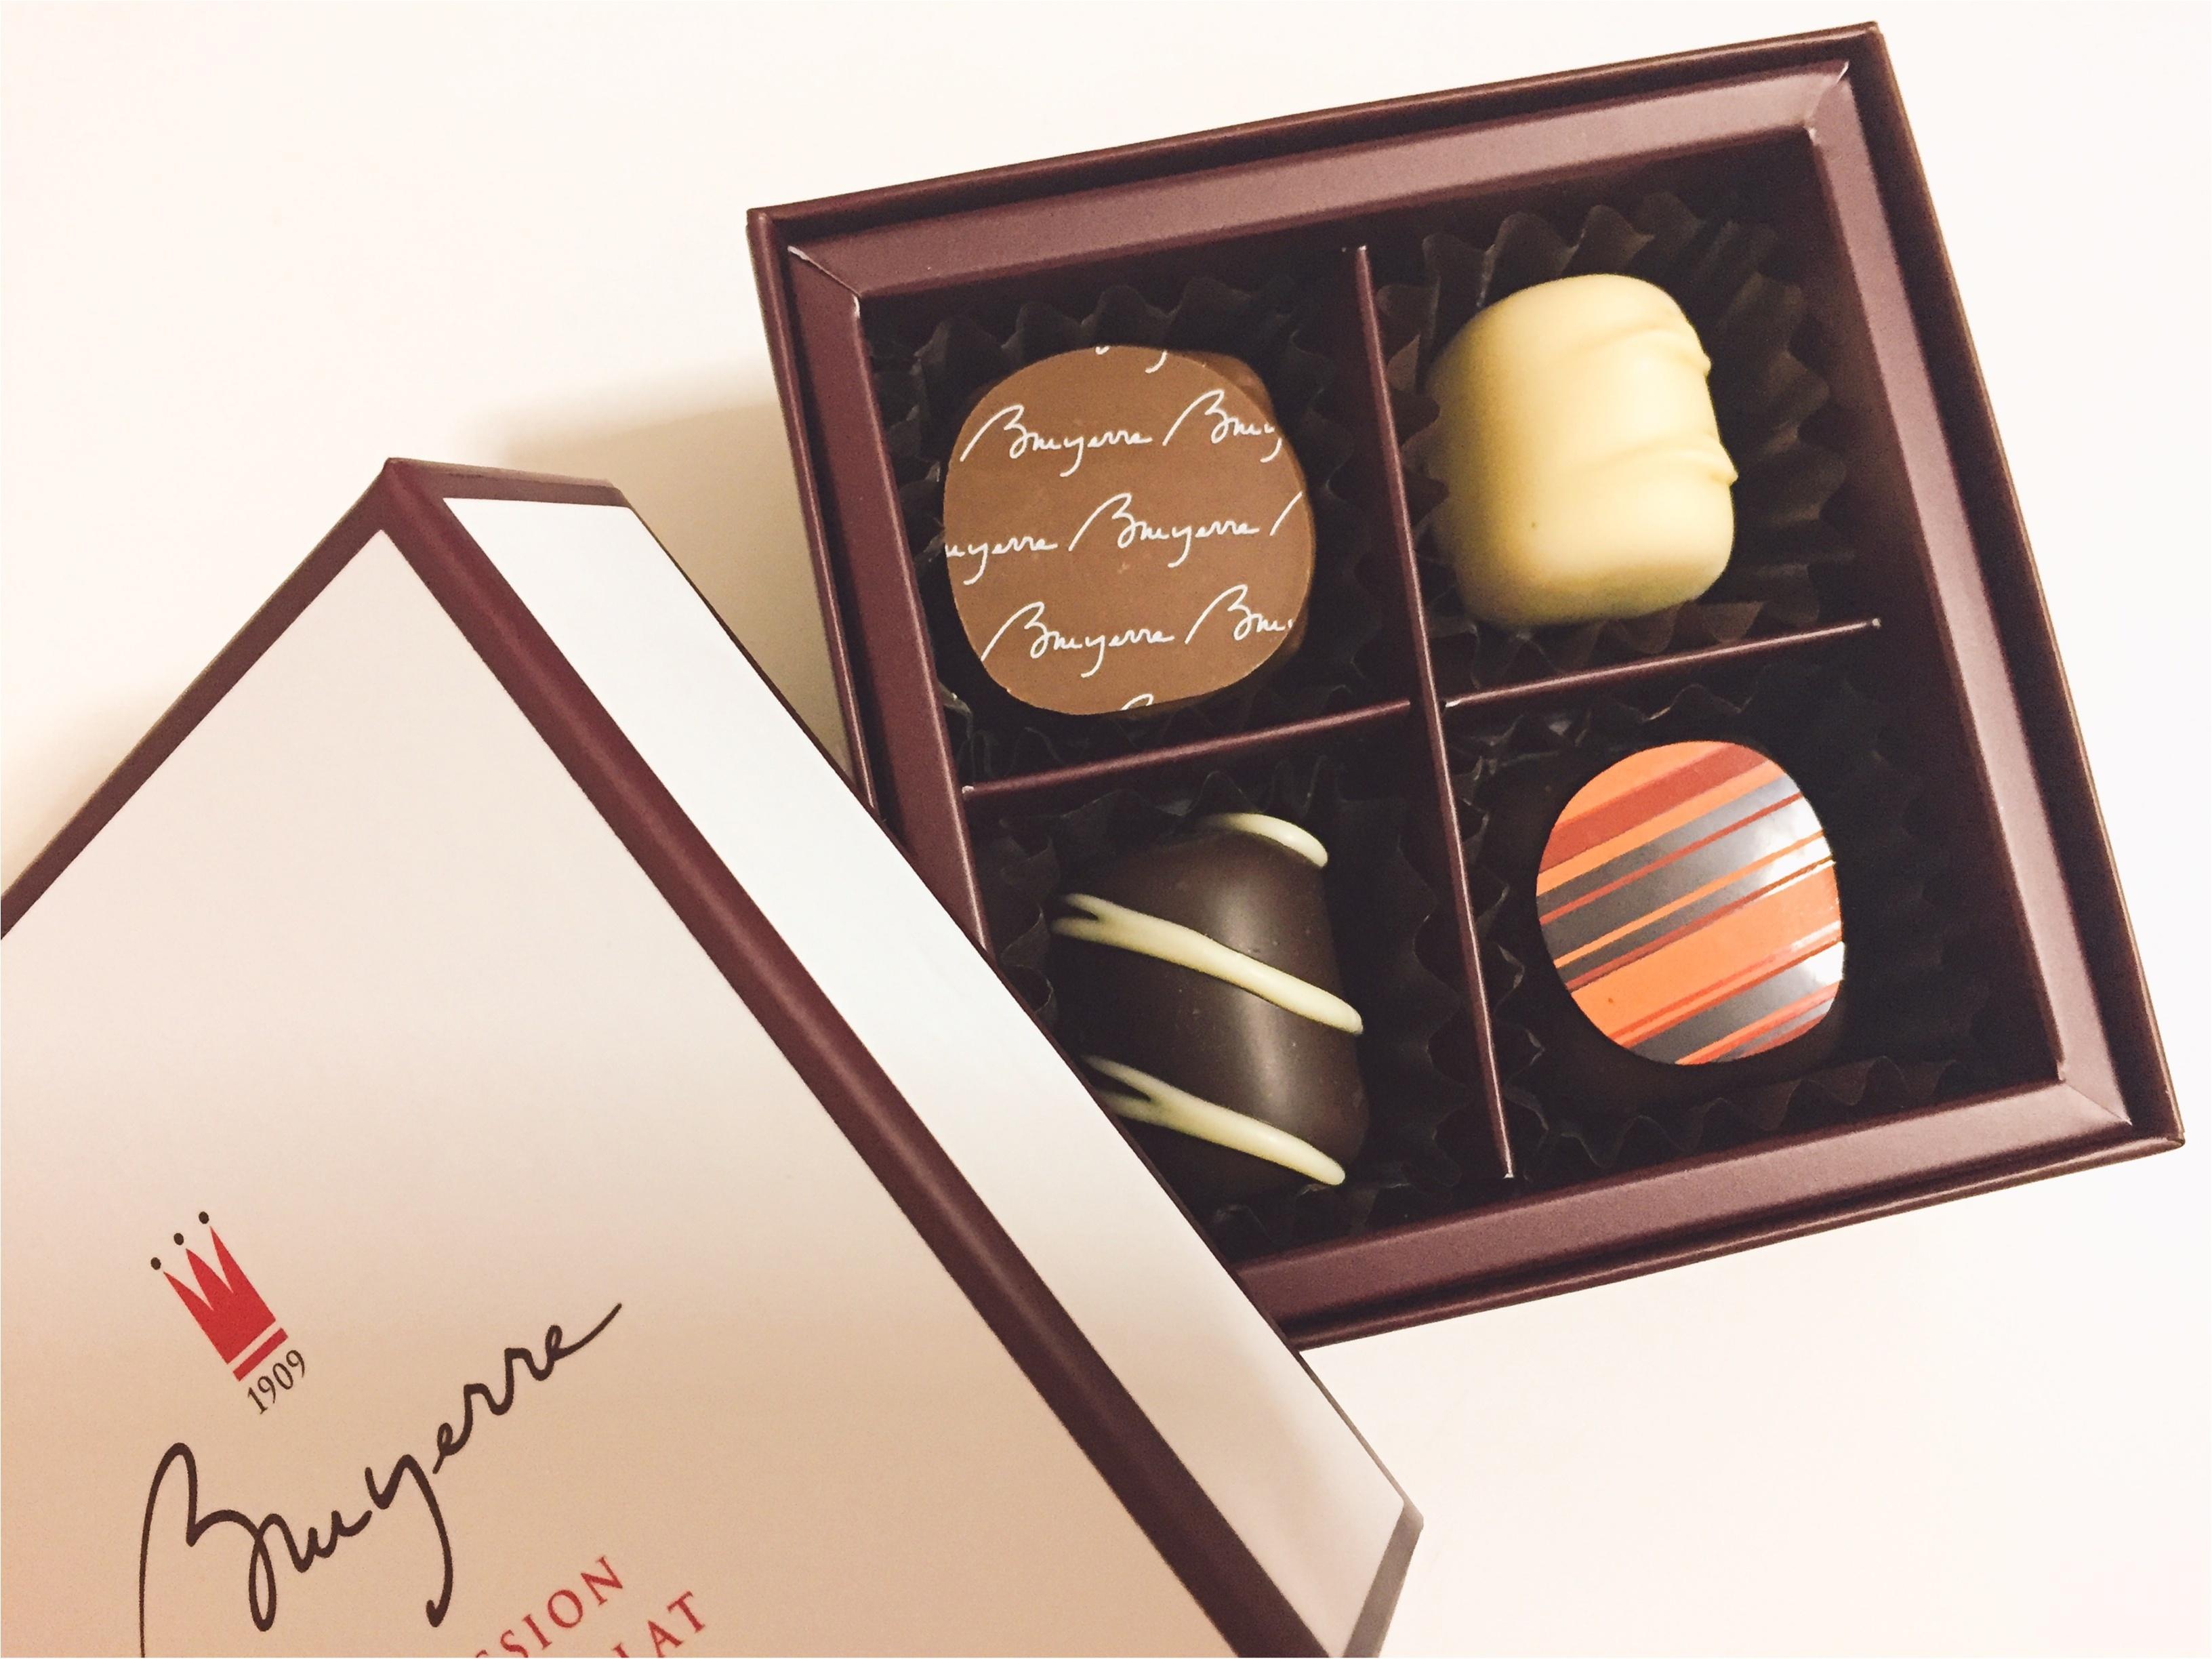 【バレンタイン2017】現在開催中の高島屋『アムール・デュ・ショコラ』でGETした今年の自分用ご褒美チョコはこちら♡*_5